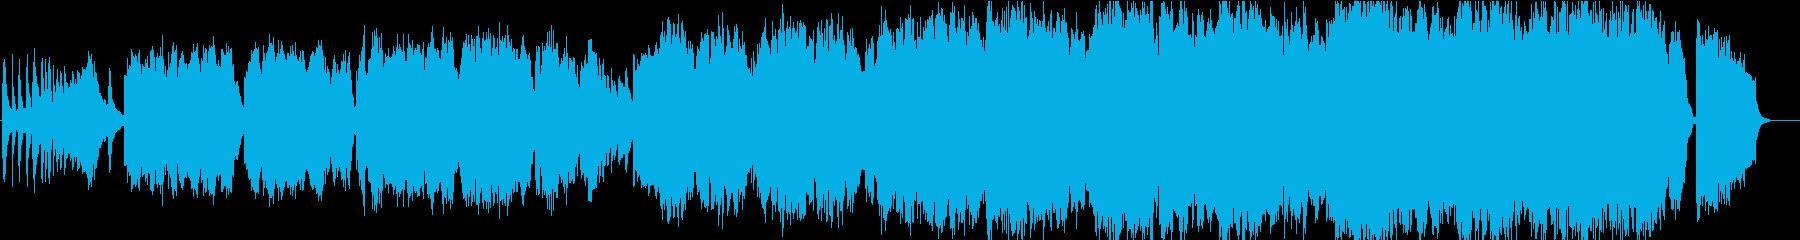 二胡の生演奏が美しい情緒ある和のメロディの再生済みの波形